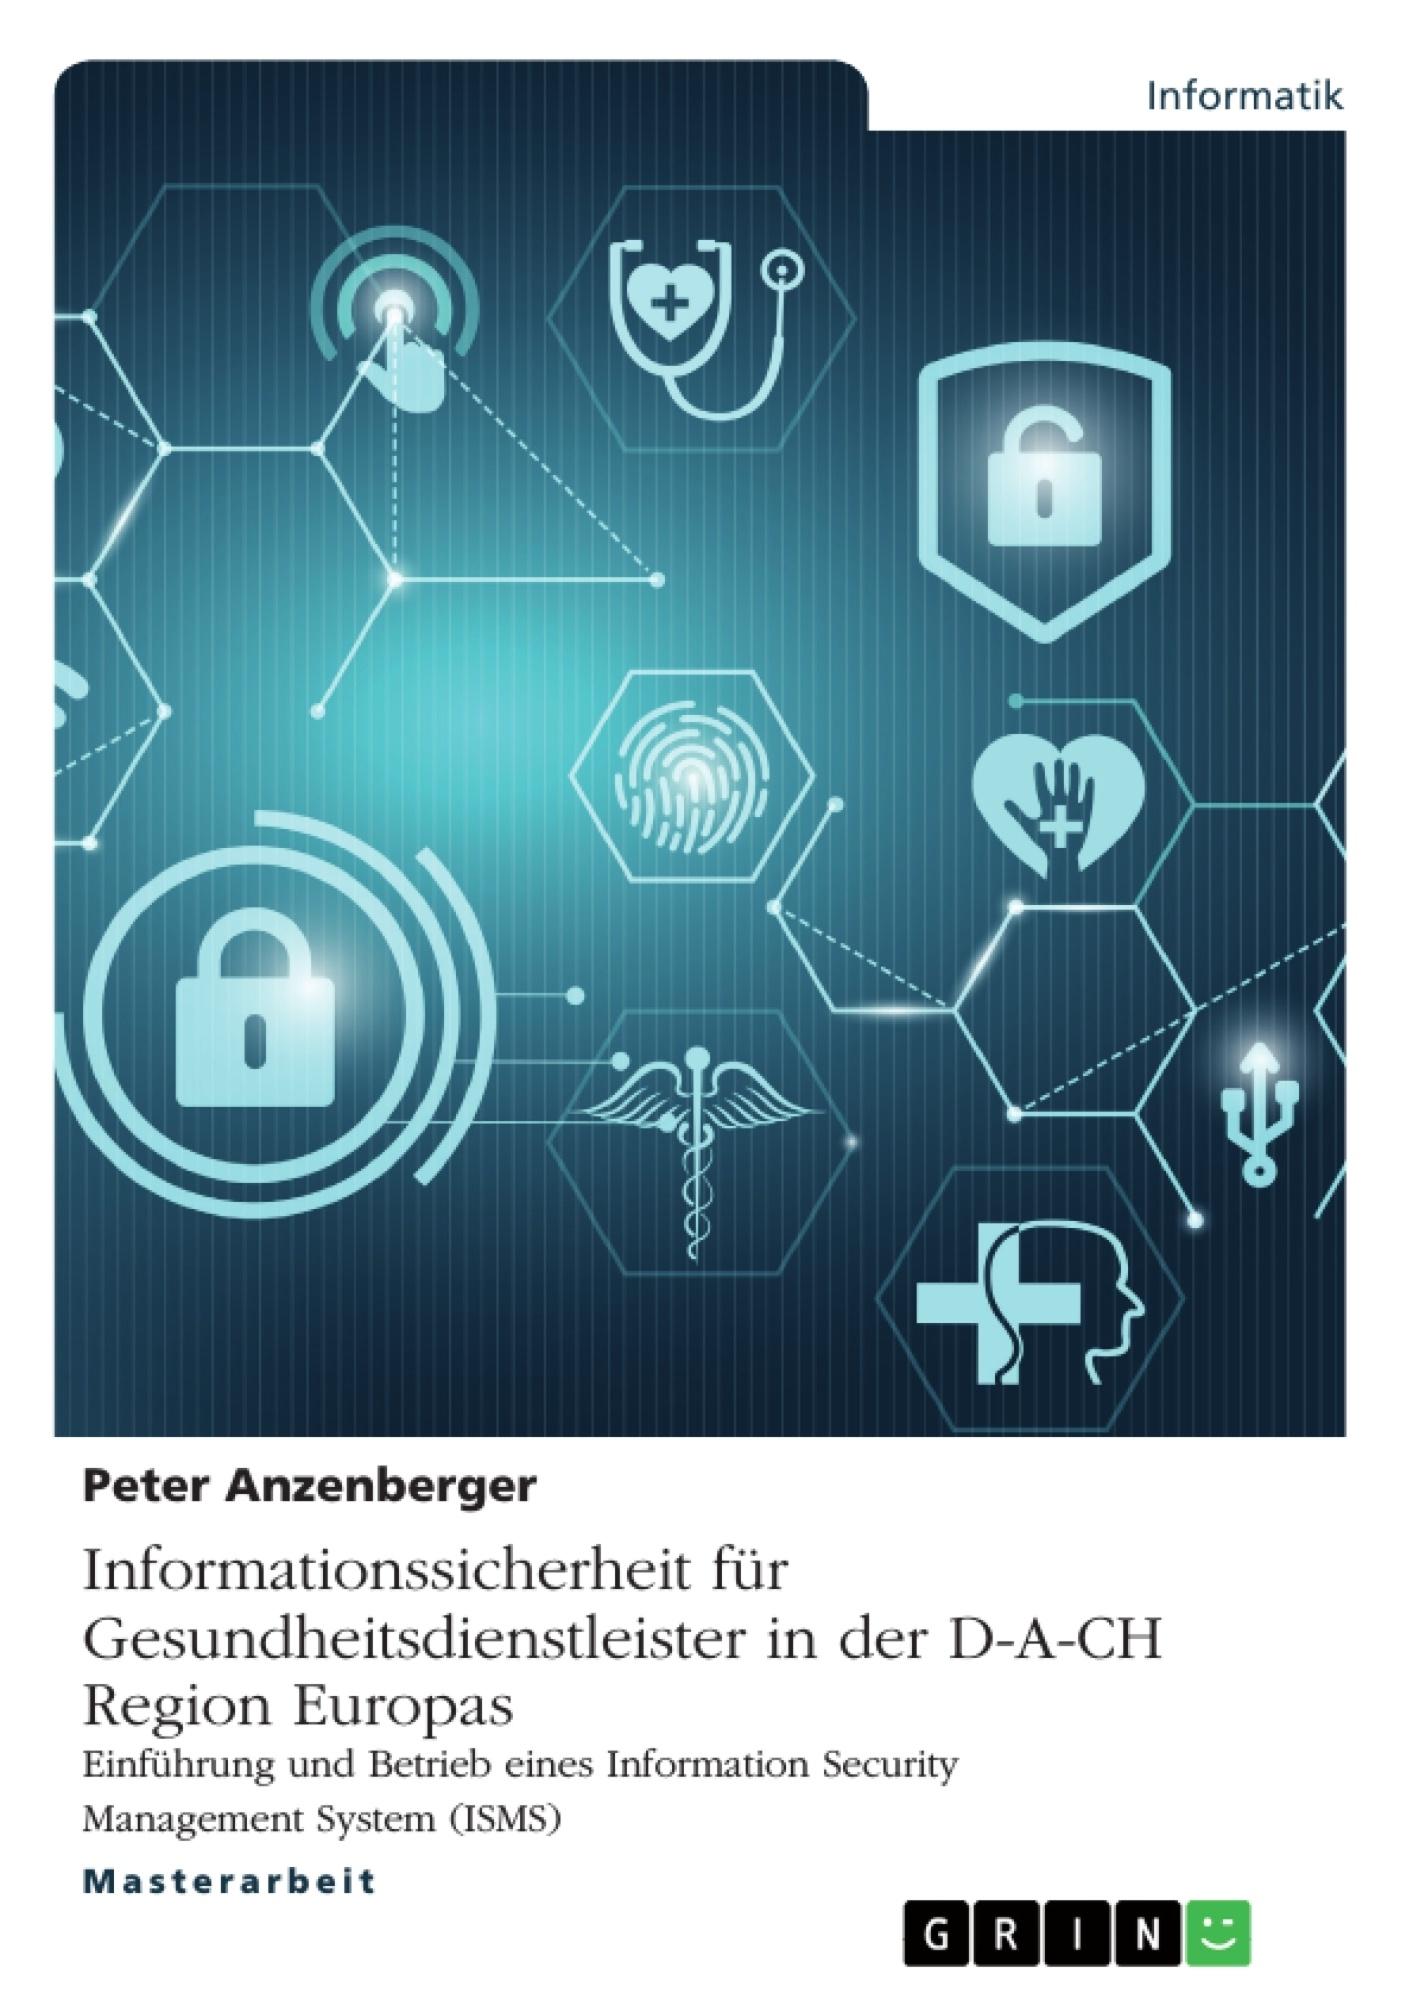 Titel: Informationssicherheit für Gesundheitsdienstleister in der D-A-CH Region Europas